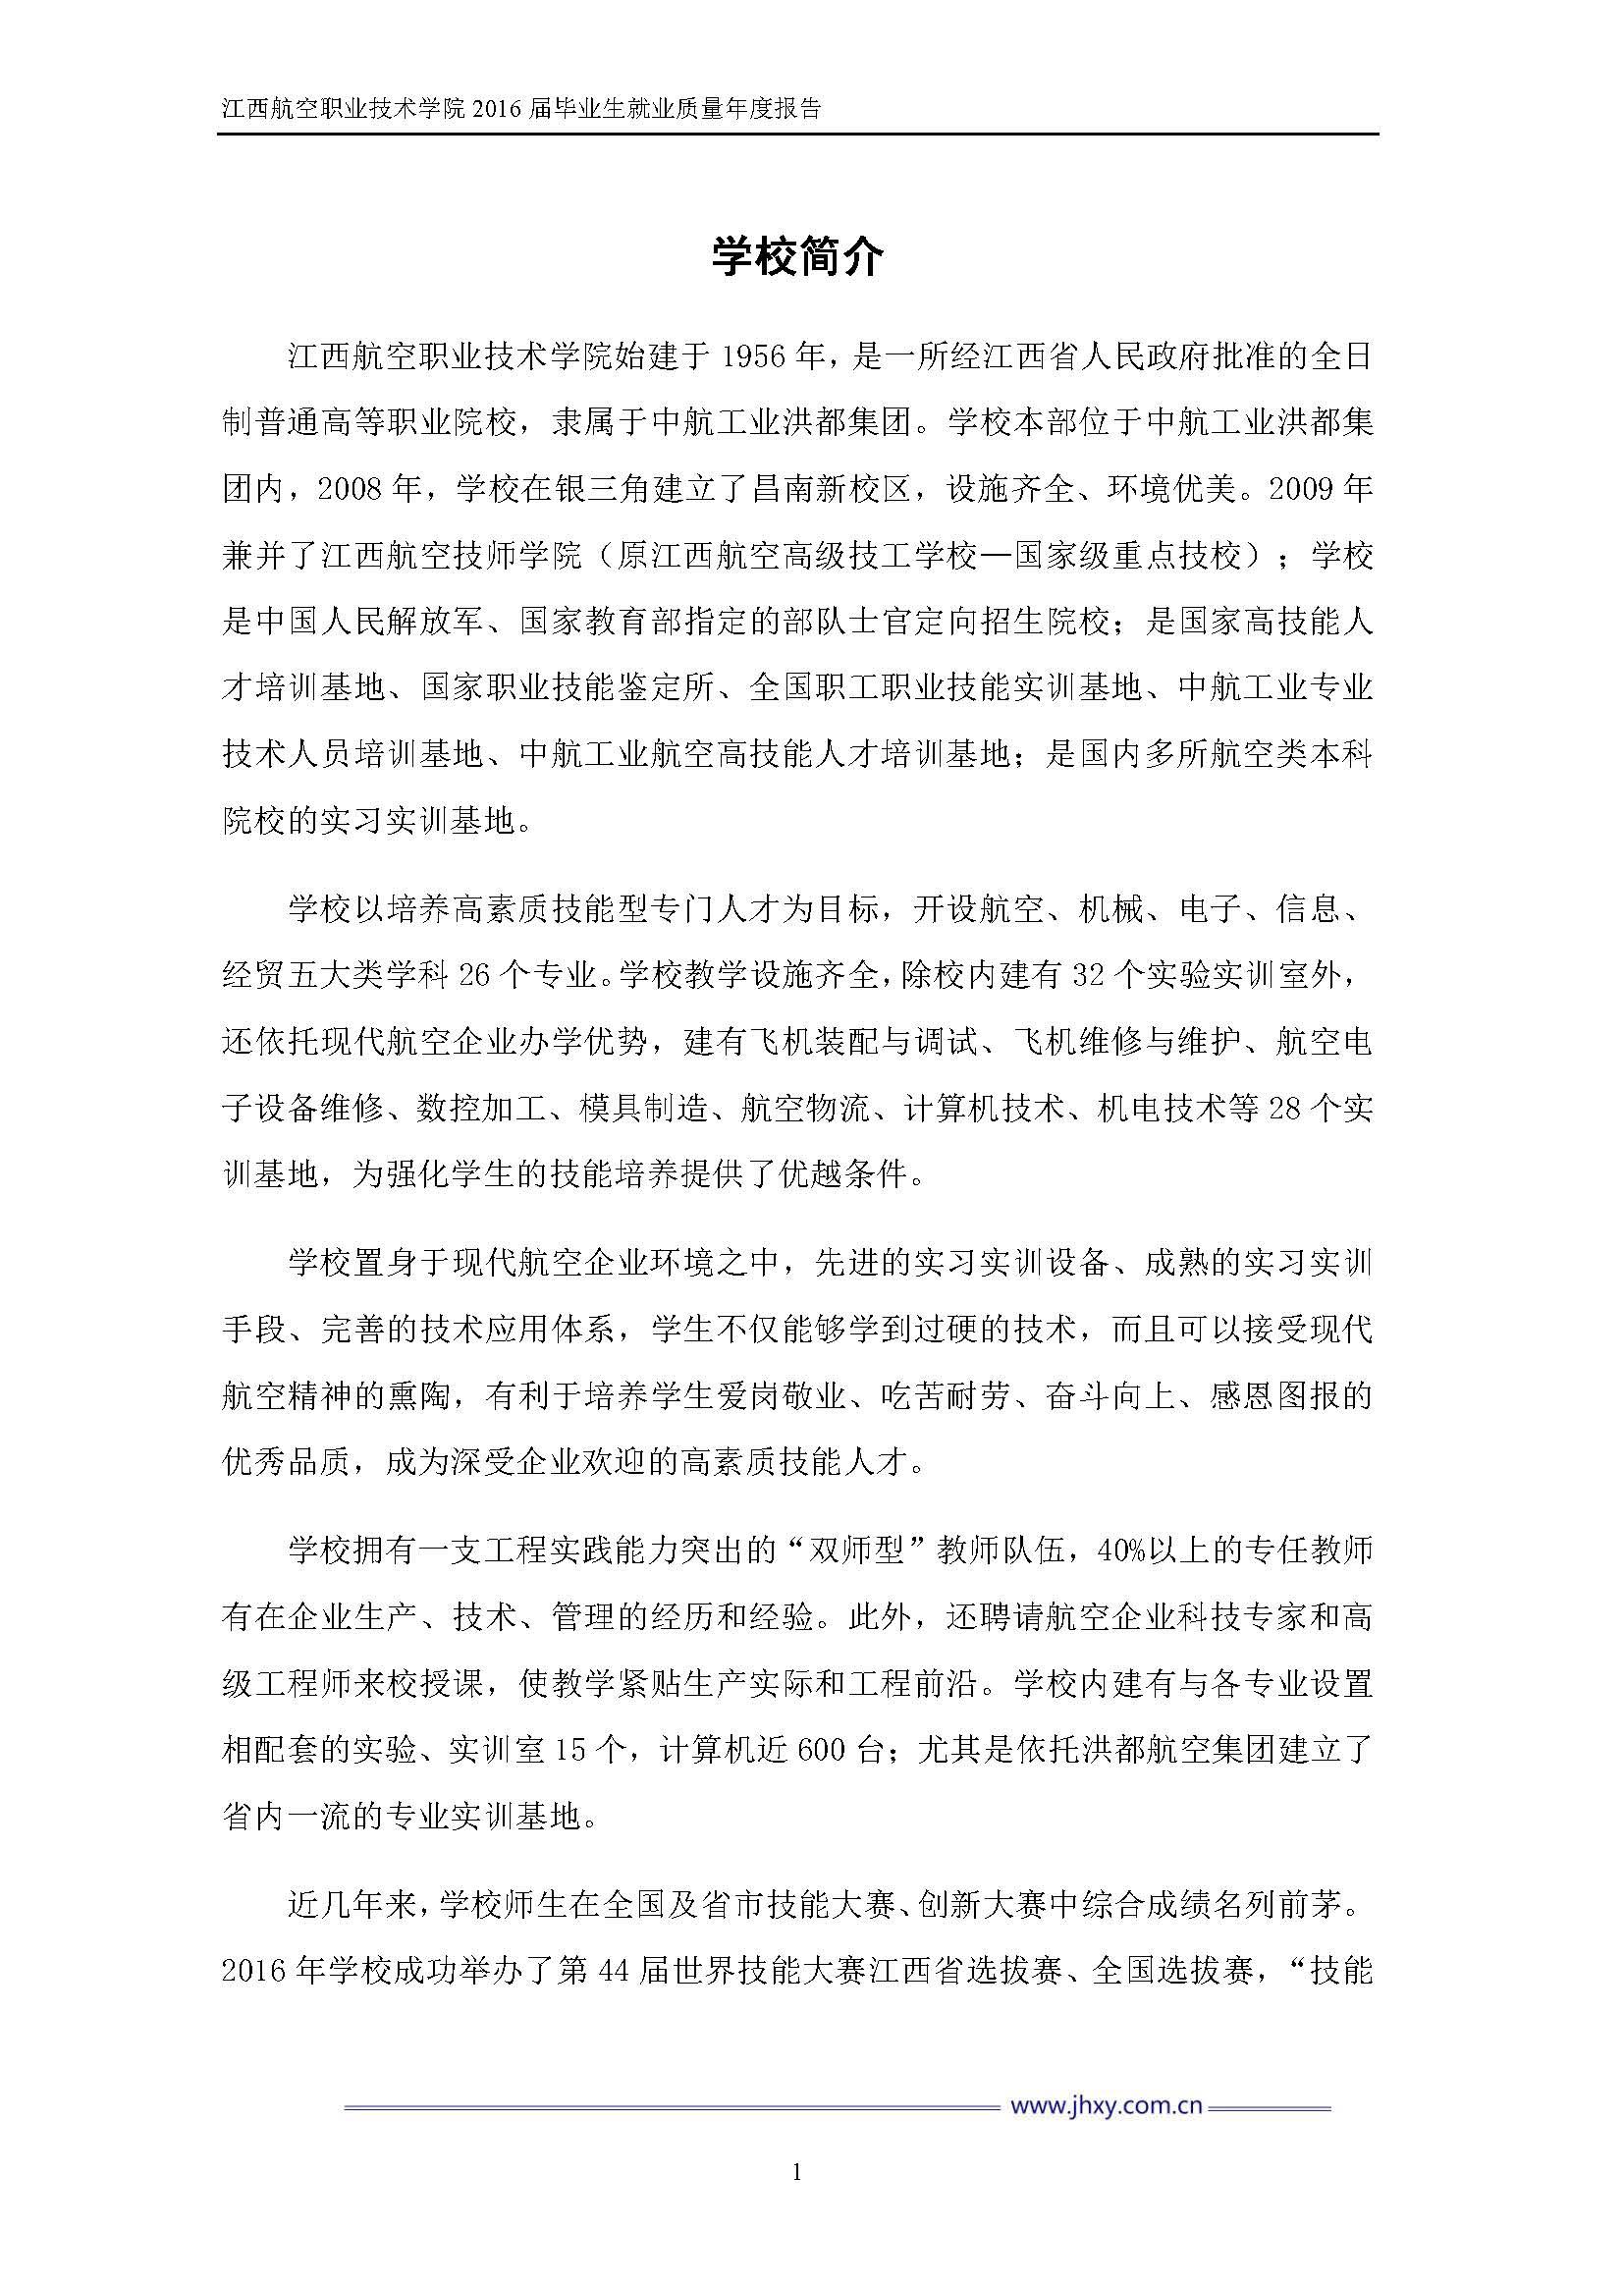 江西航空职业技术学院2016届毕业生就业质量年度报告_Page_08.jpg